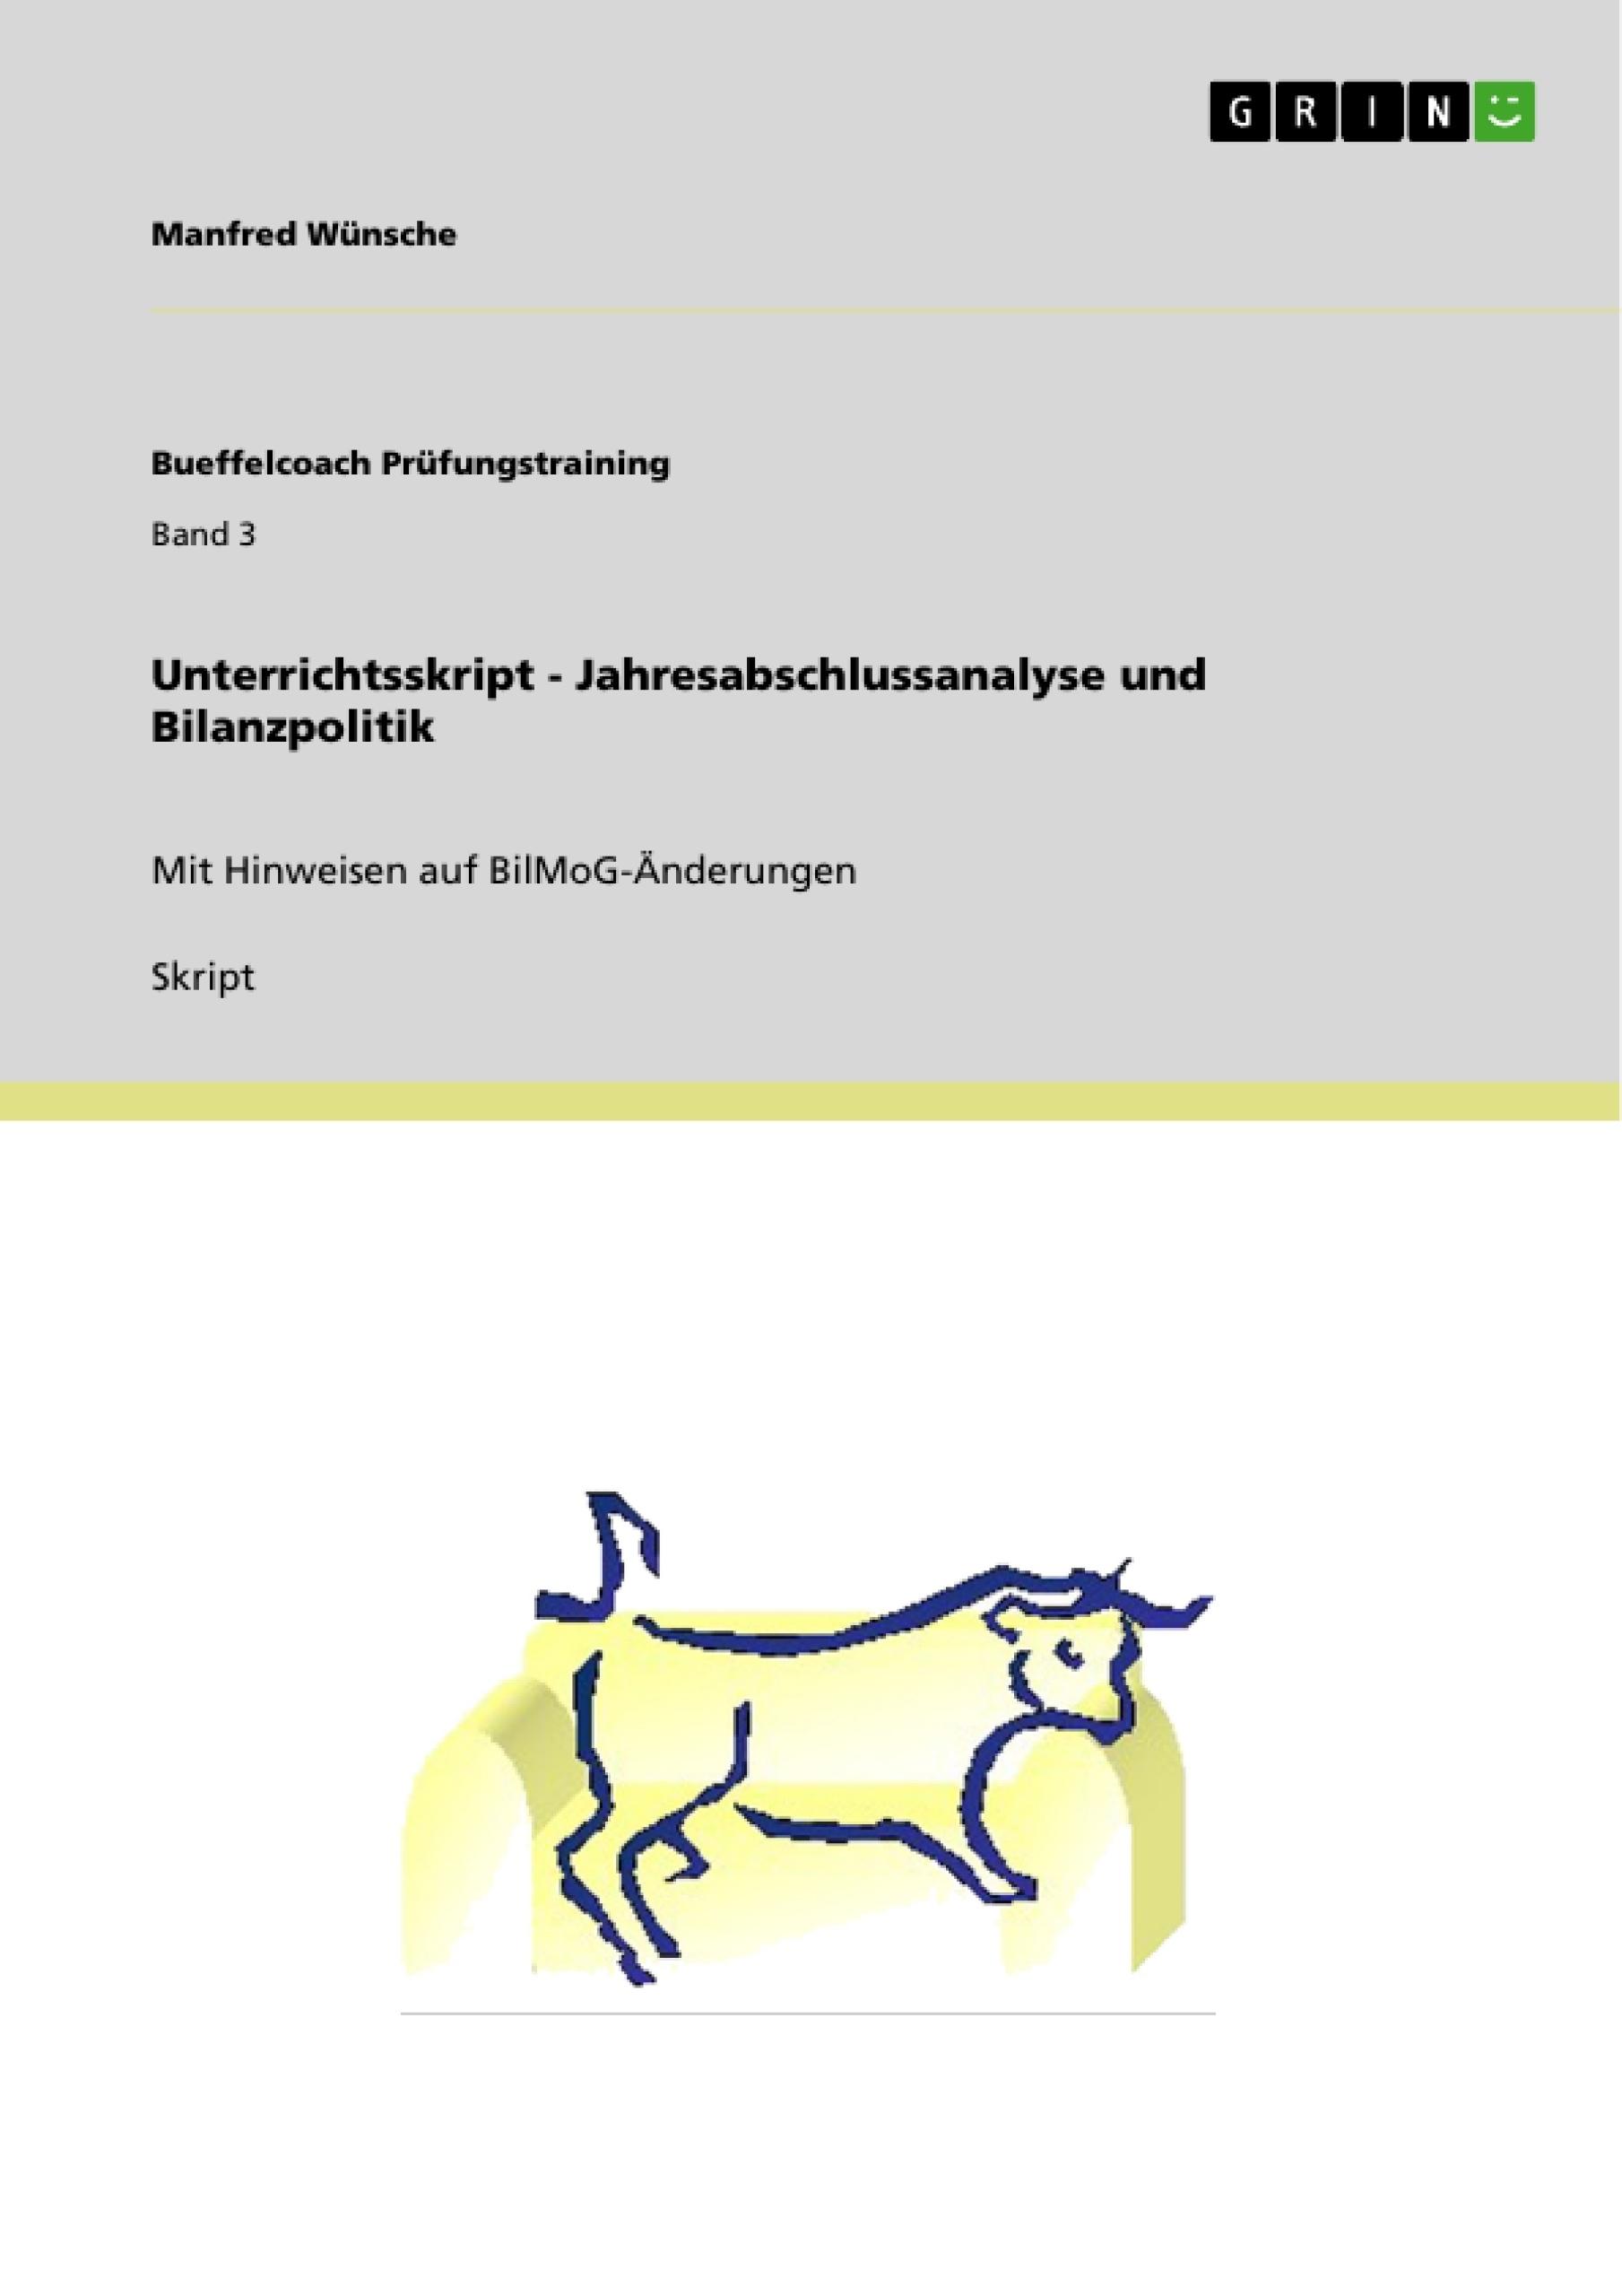 Titel: Unterrichtsskript - Jahresabschlussanalyse und Bilanzpolitik